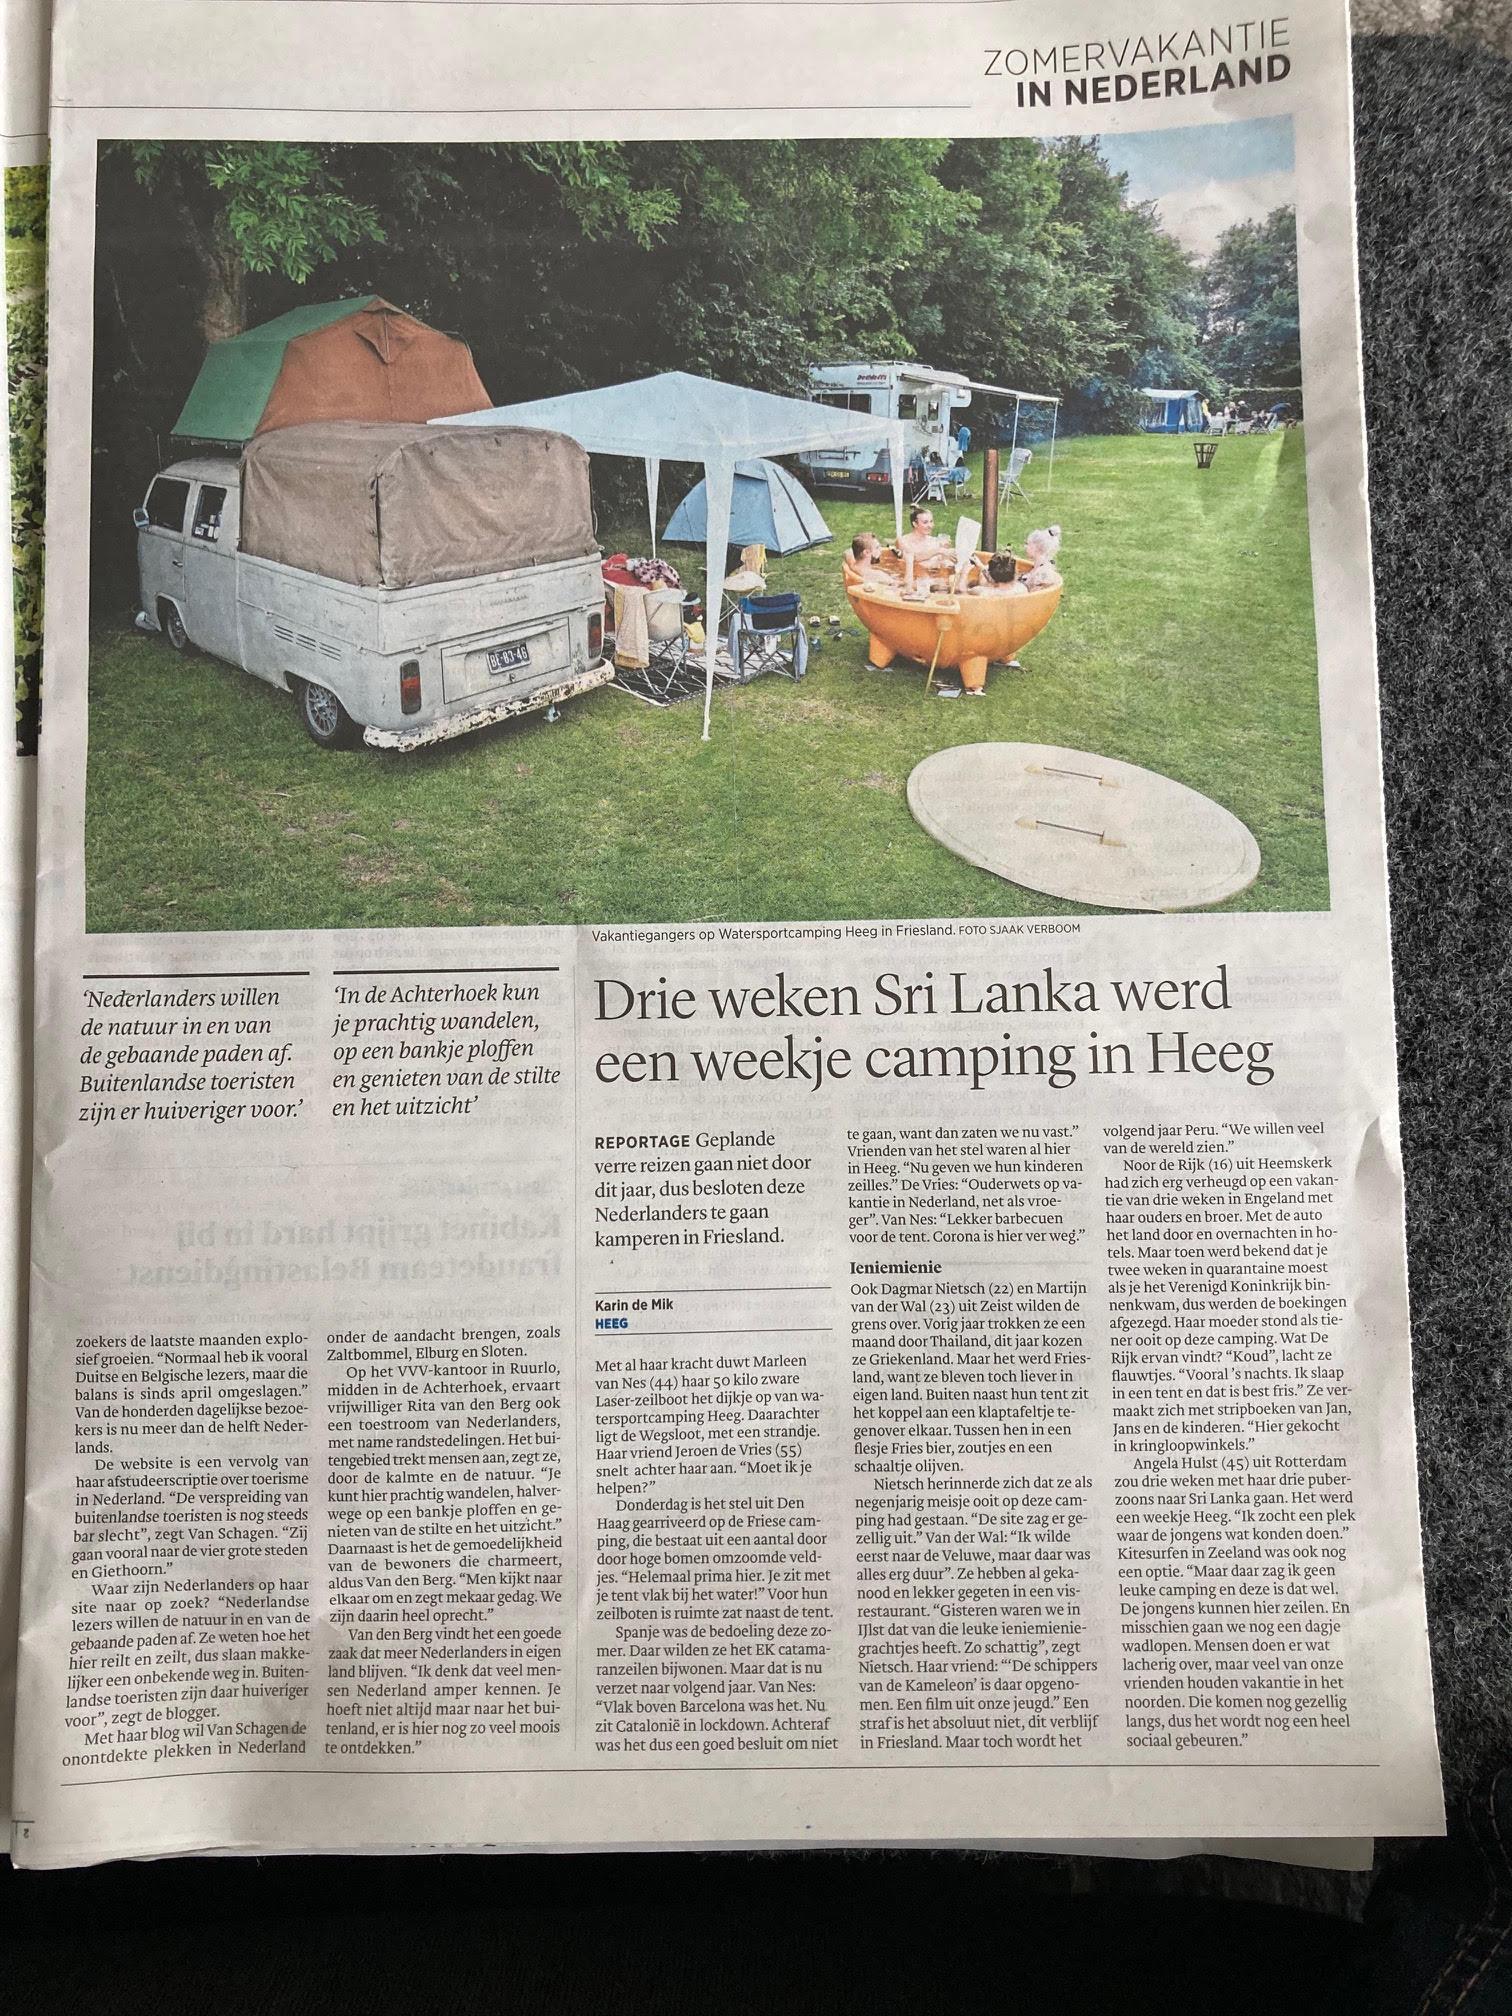 Artikel Trouw: Drie Weken Sri Lanka Werd Een Weekje Camping In Heeg